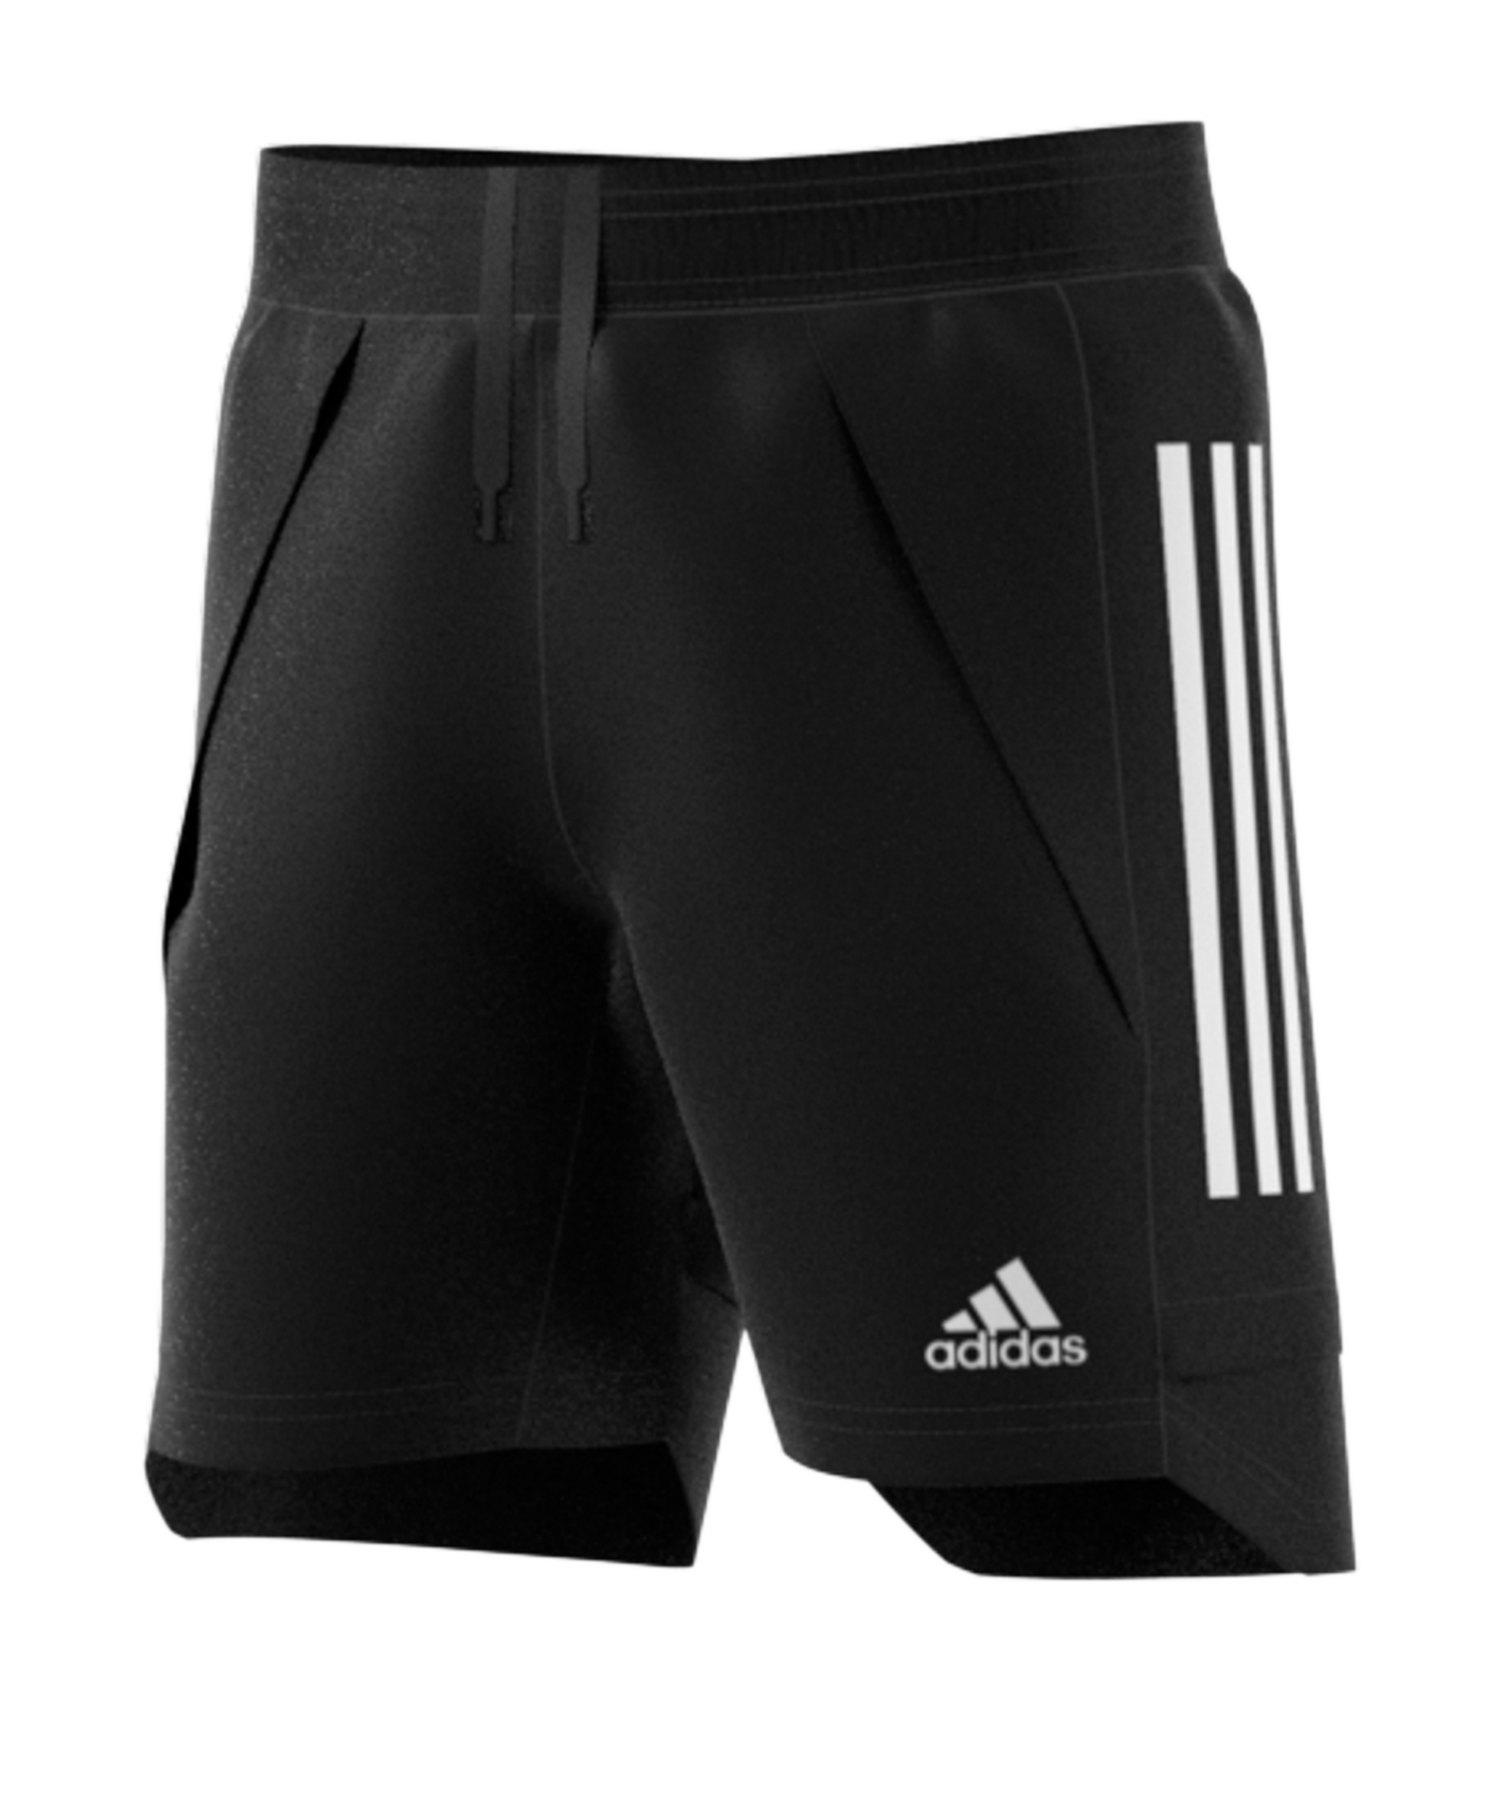 adidas Condivo 20 Trainingsshort Kids Schwarz - schwarz